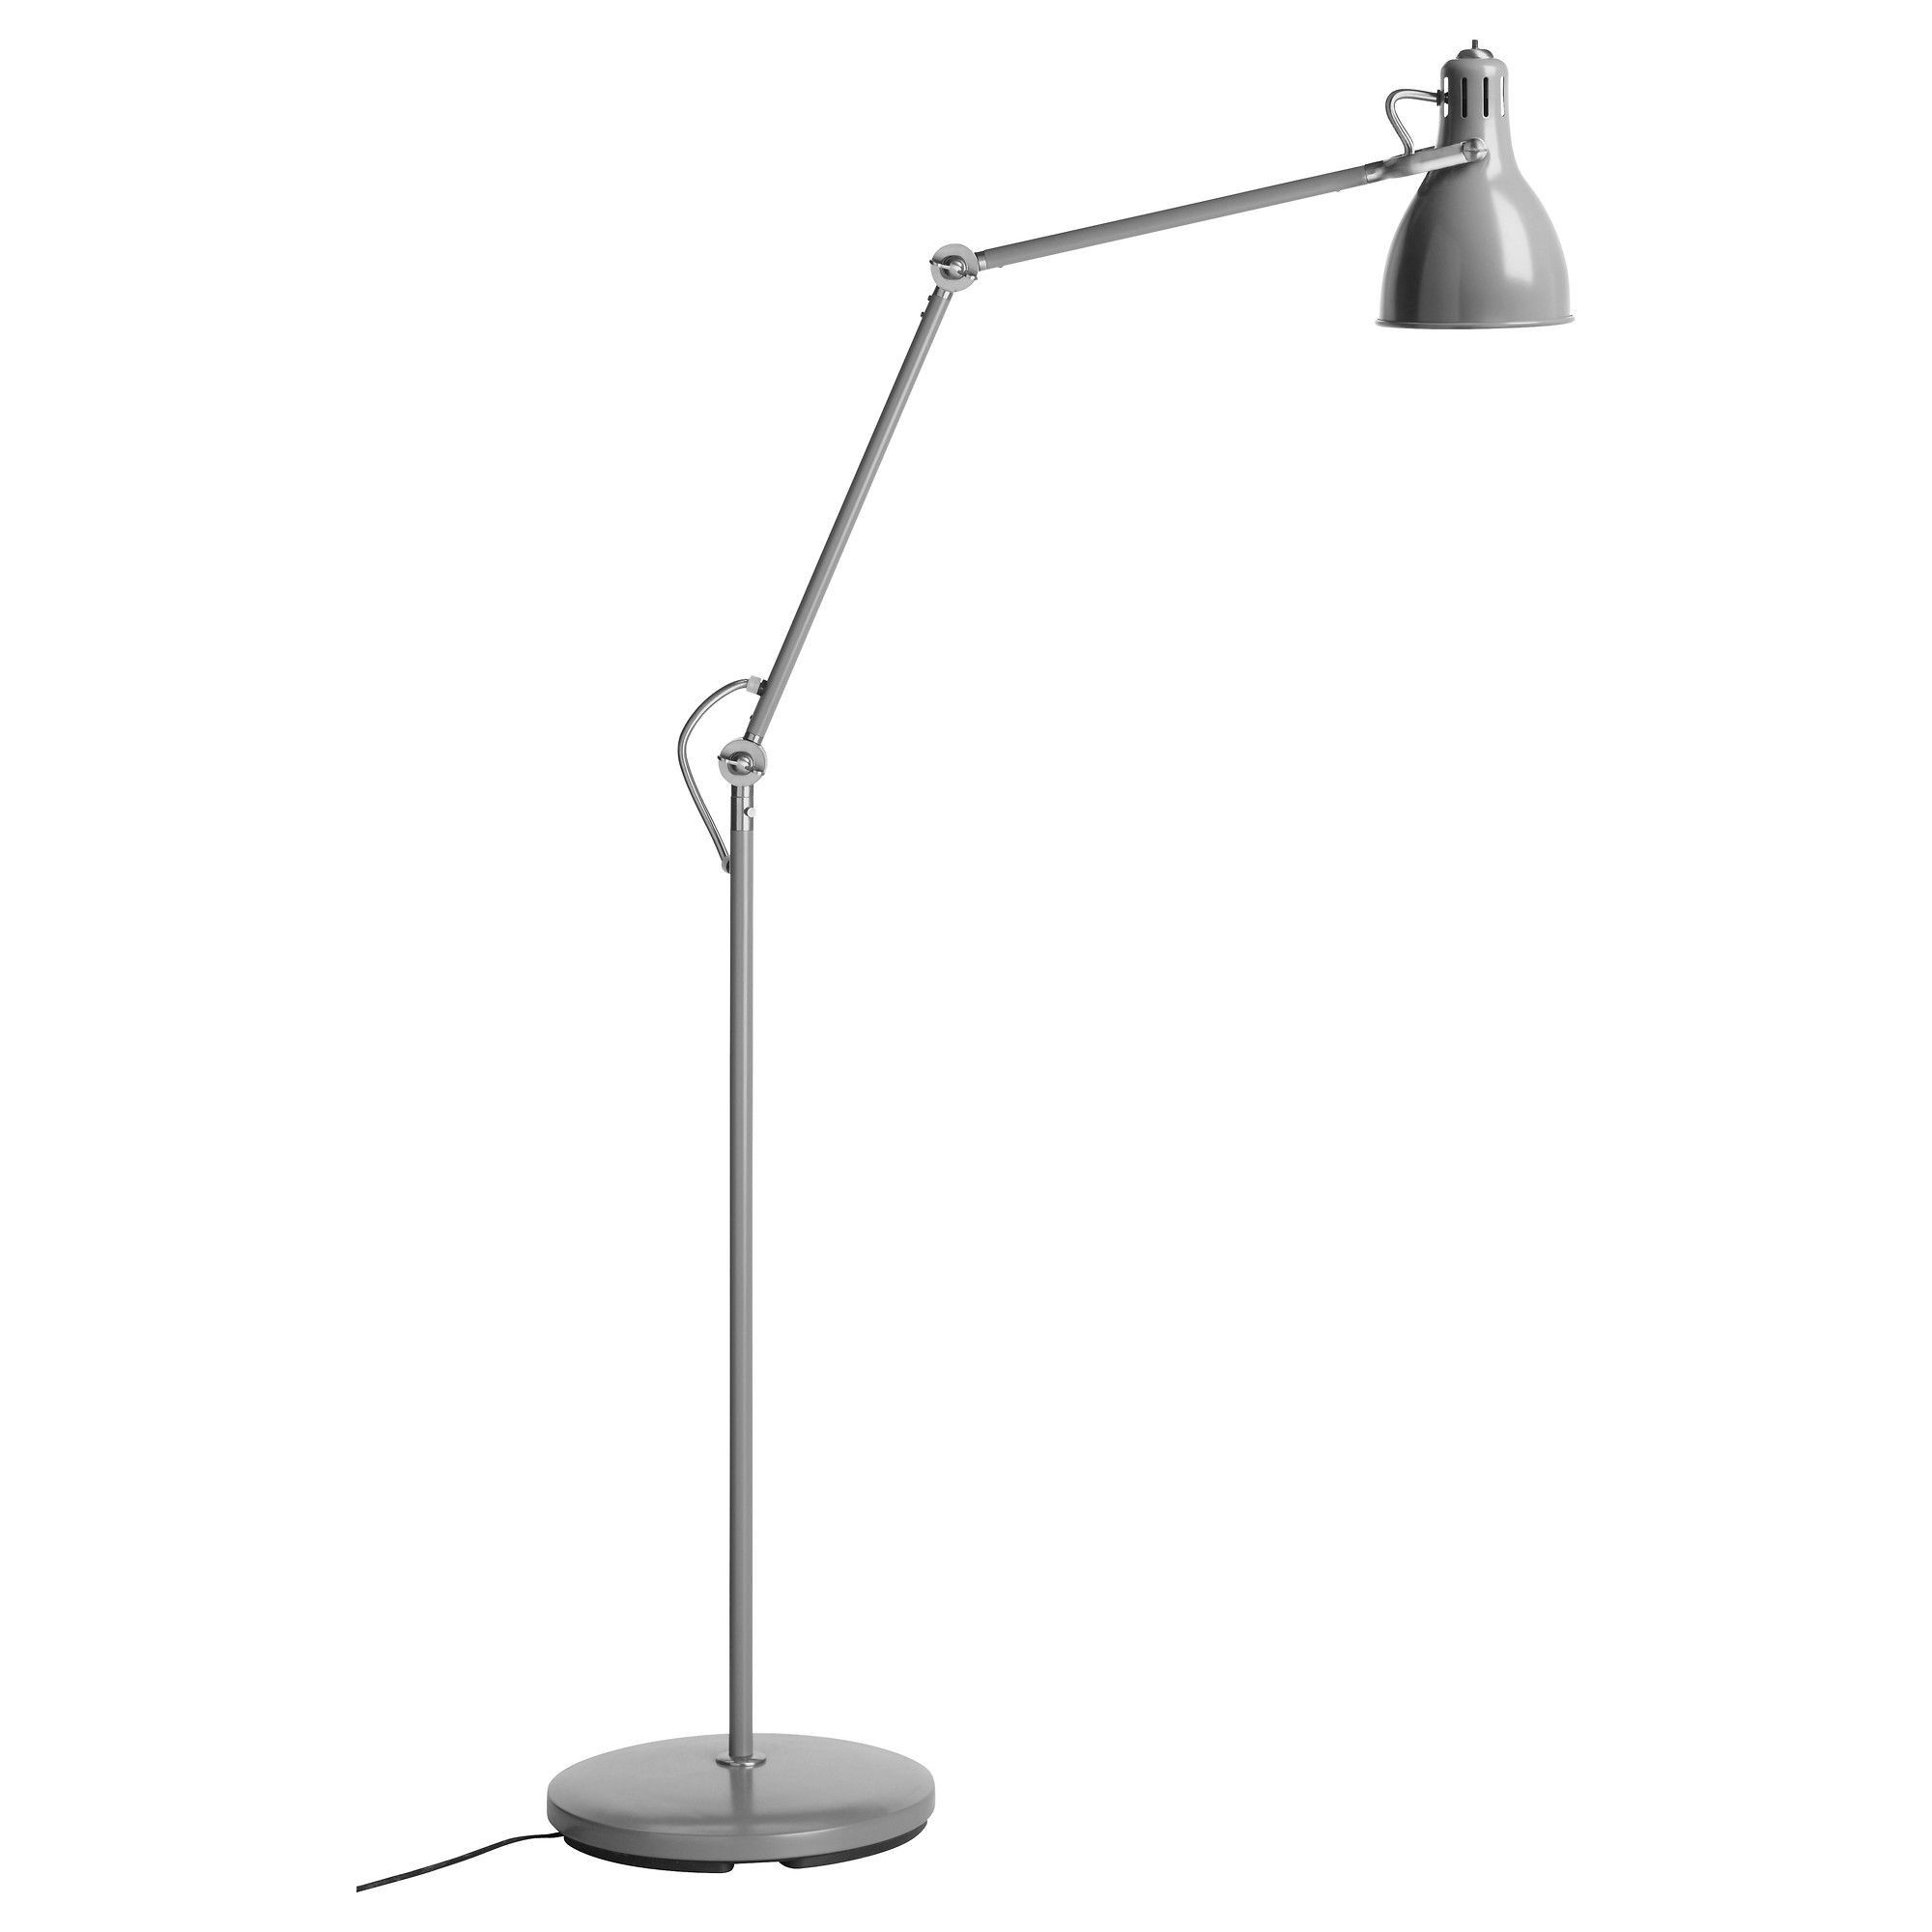 Full Size of Stehlampe Ikea Arc Wohnzimmer Miniküche Sofa Mit Schlaffunktion Küche Kaufen Kosten Modulküche Betten Bei Schlafzimmer 160x200 Stehlampen Wohnzimmer Stehlampe Ikea